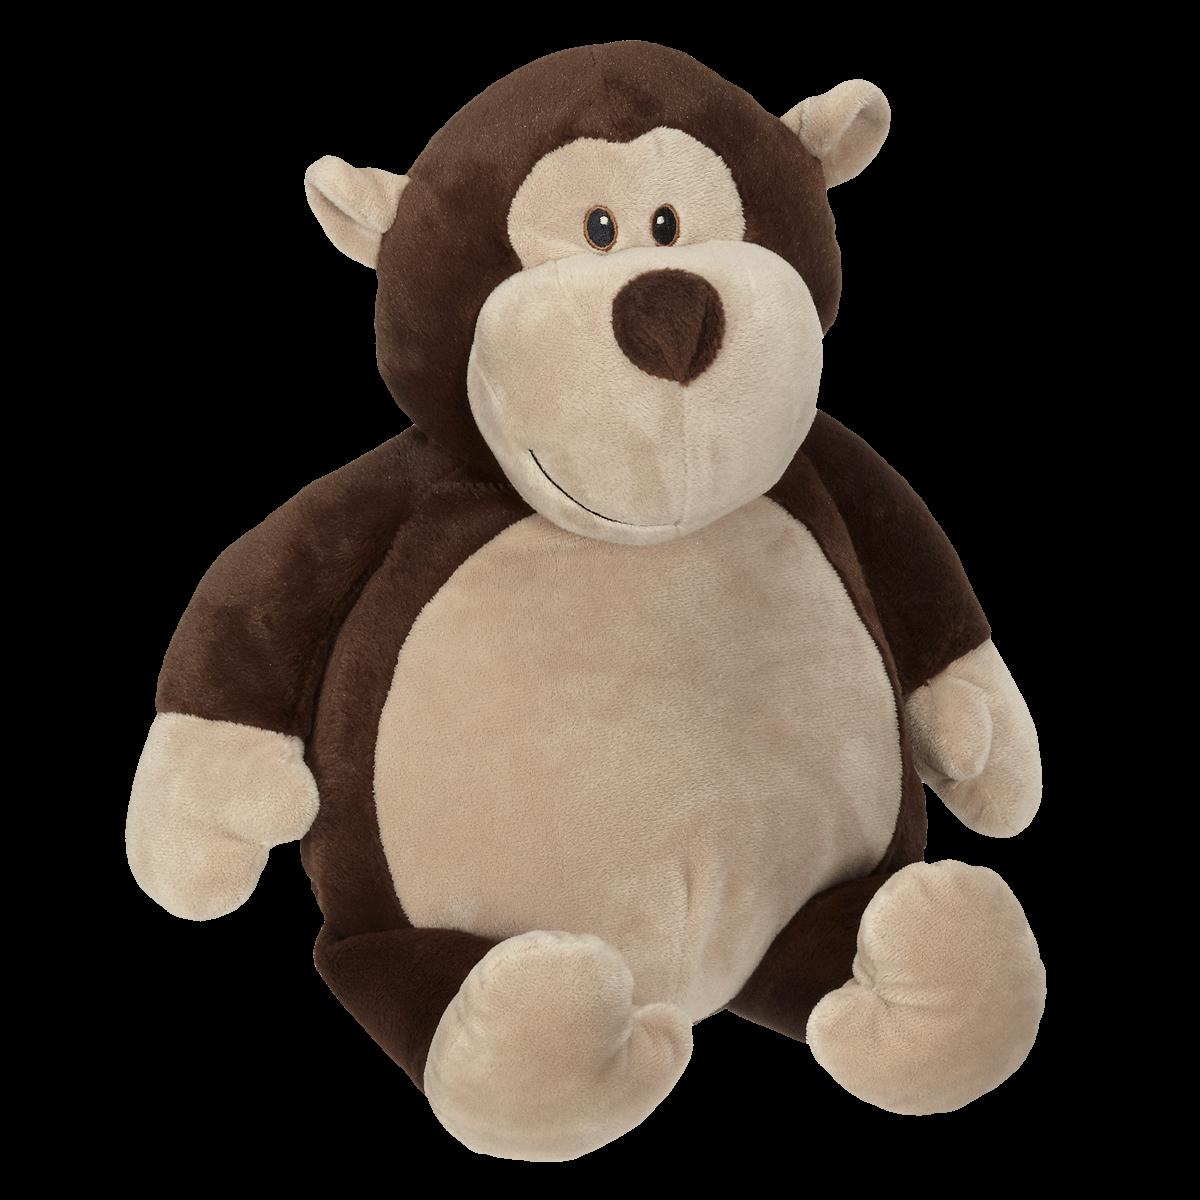 Monty Monkey Buddy